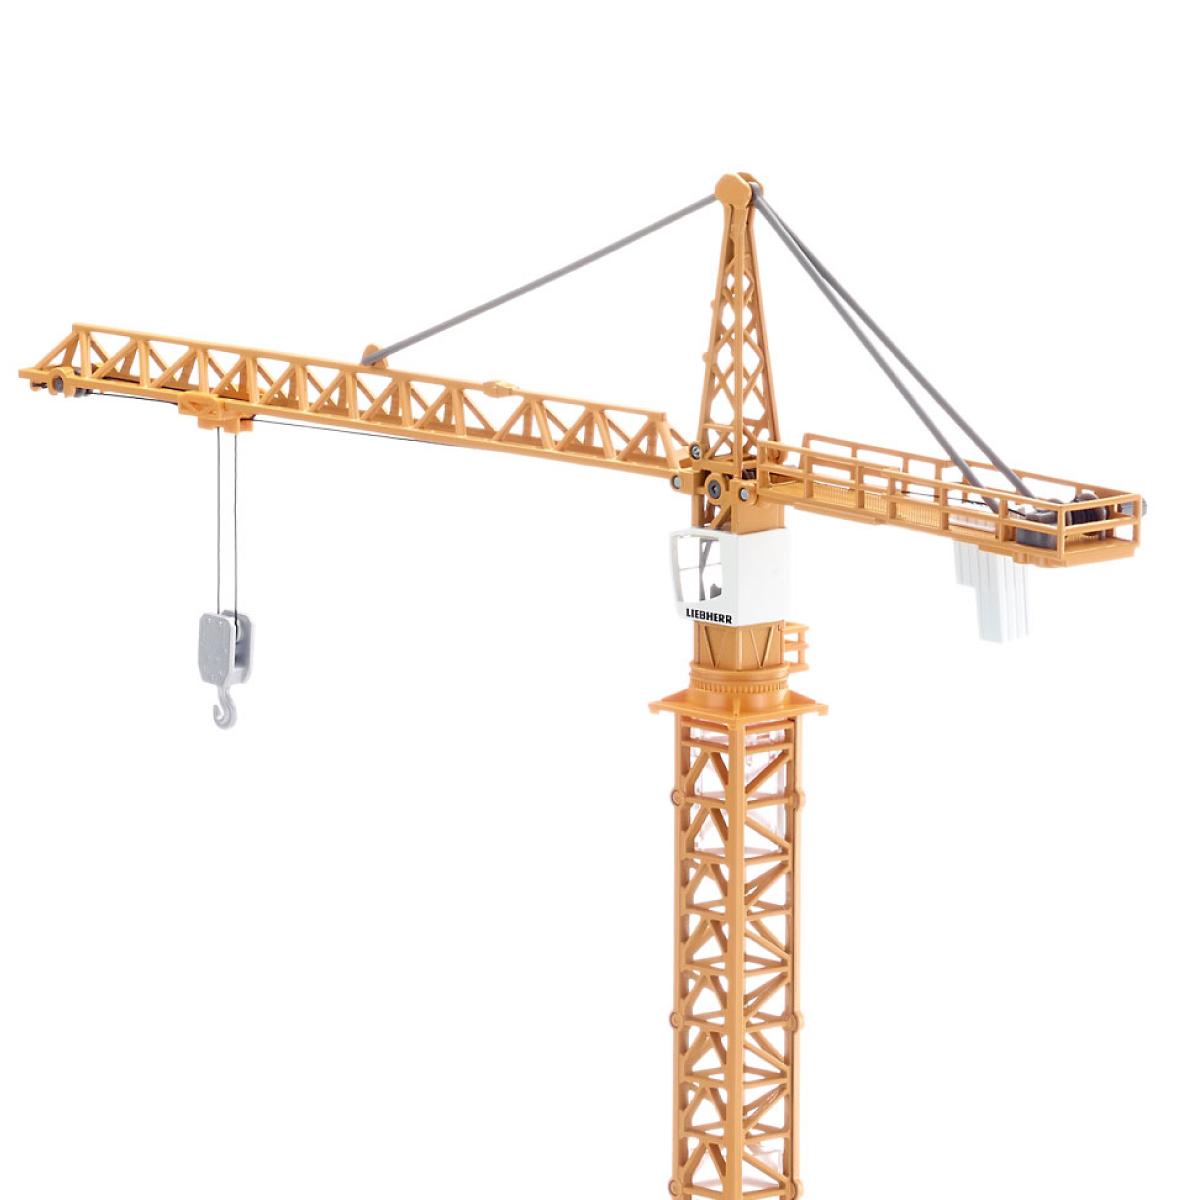 回転式タワークレーン 1:87(ジク・SIKU)